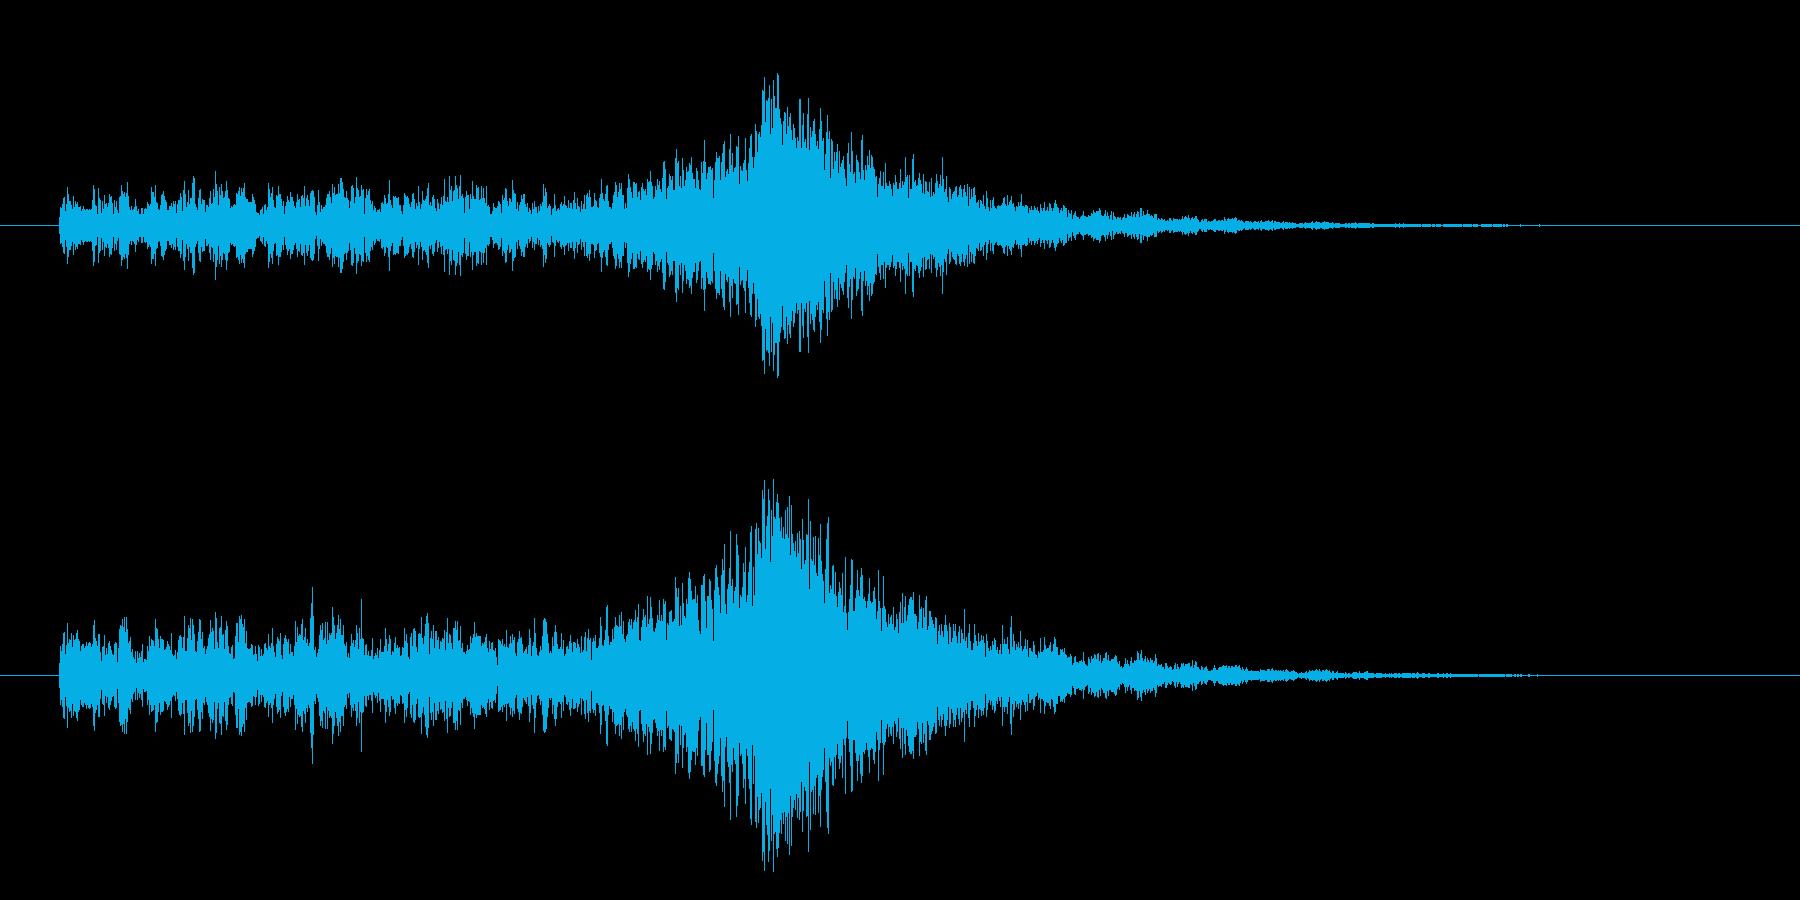 ダダダダーン(迫り来る緊迫音)の再生済みの波形